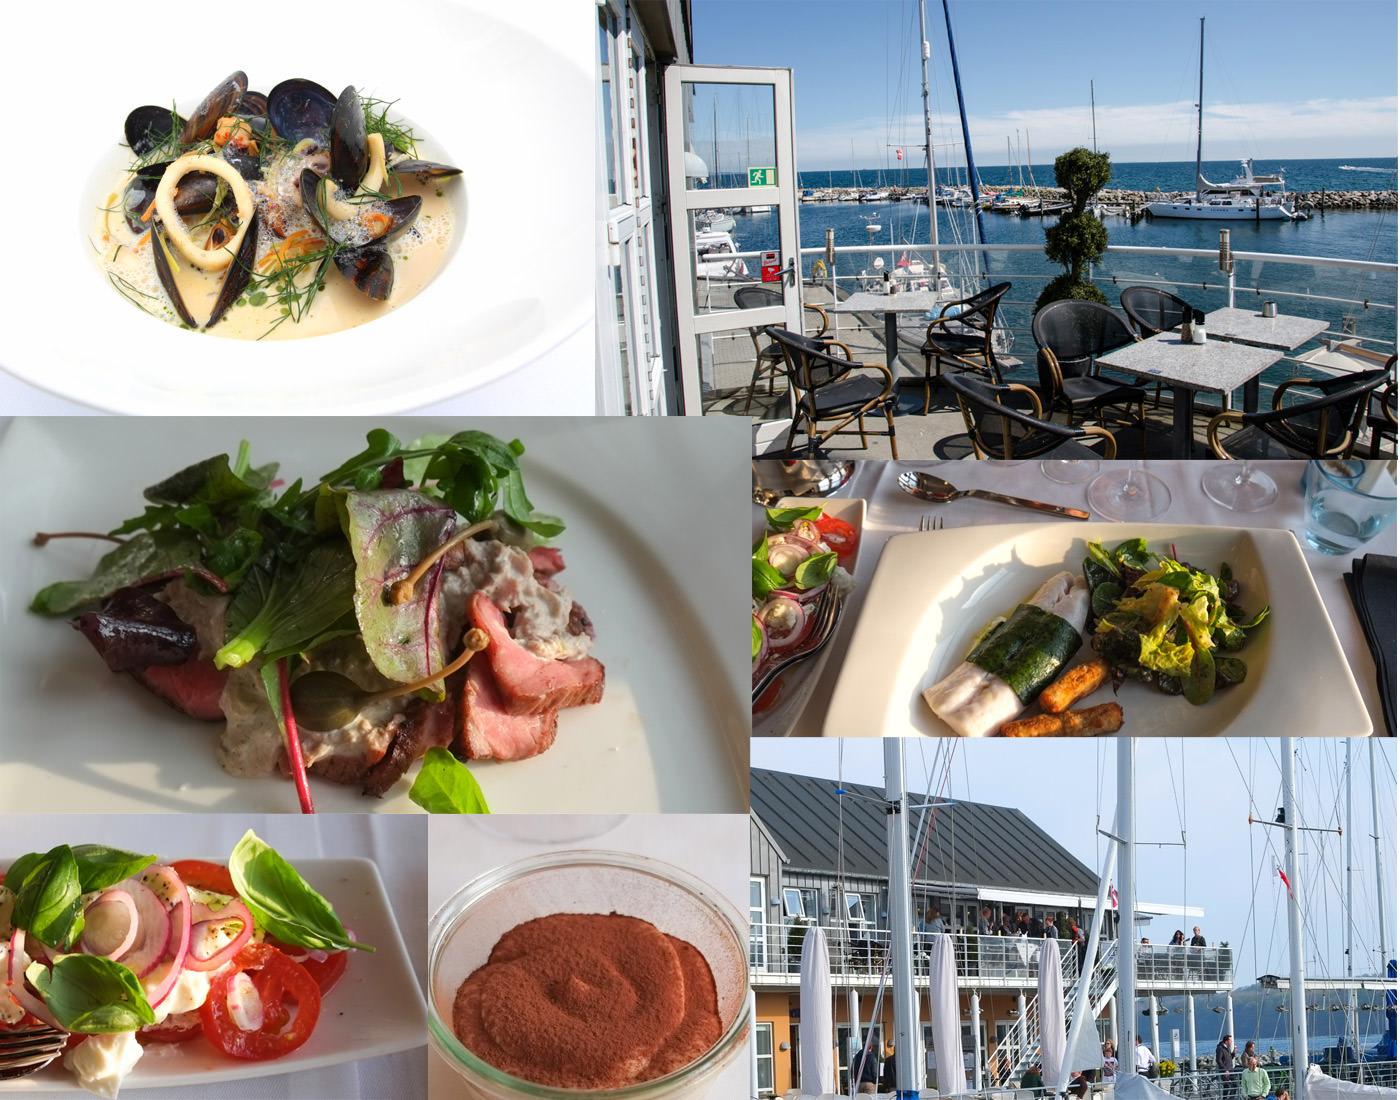 Frokost-på-Martino-på-Marselisborg-Havn